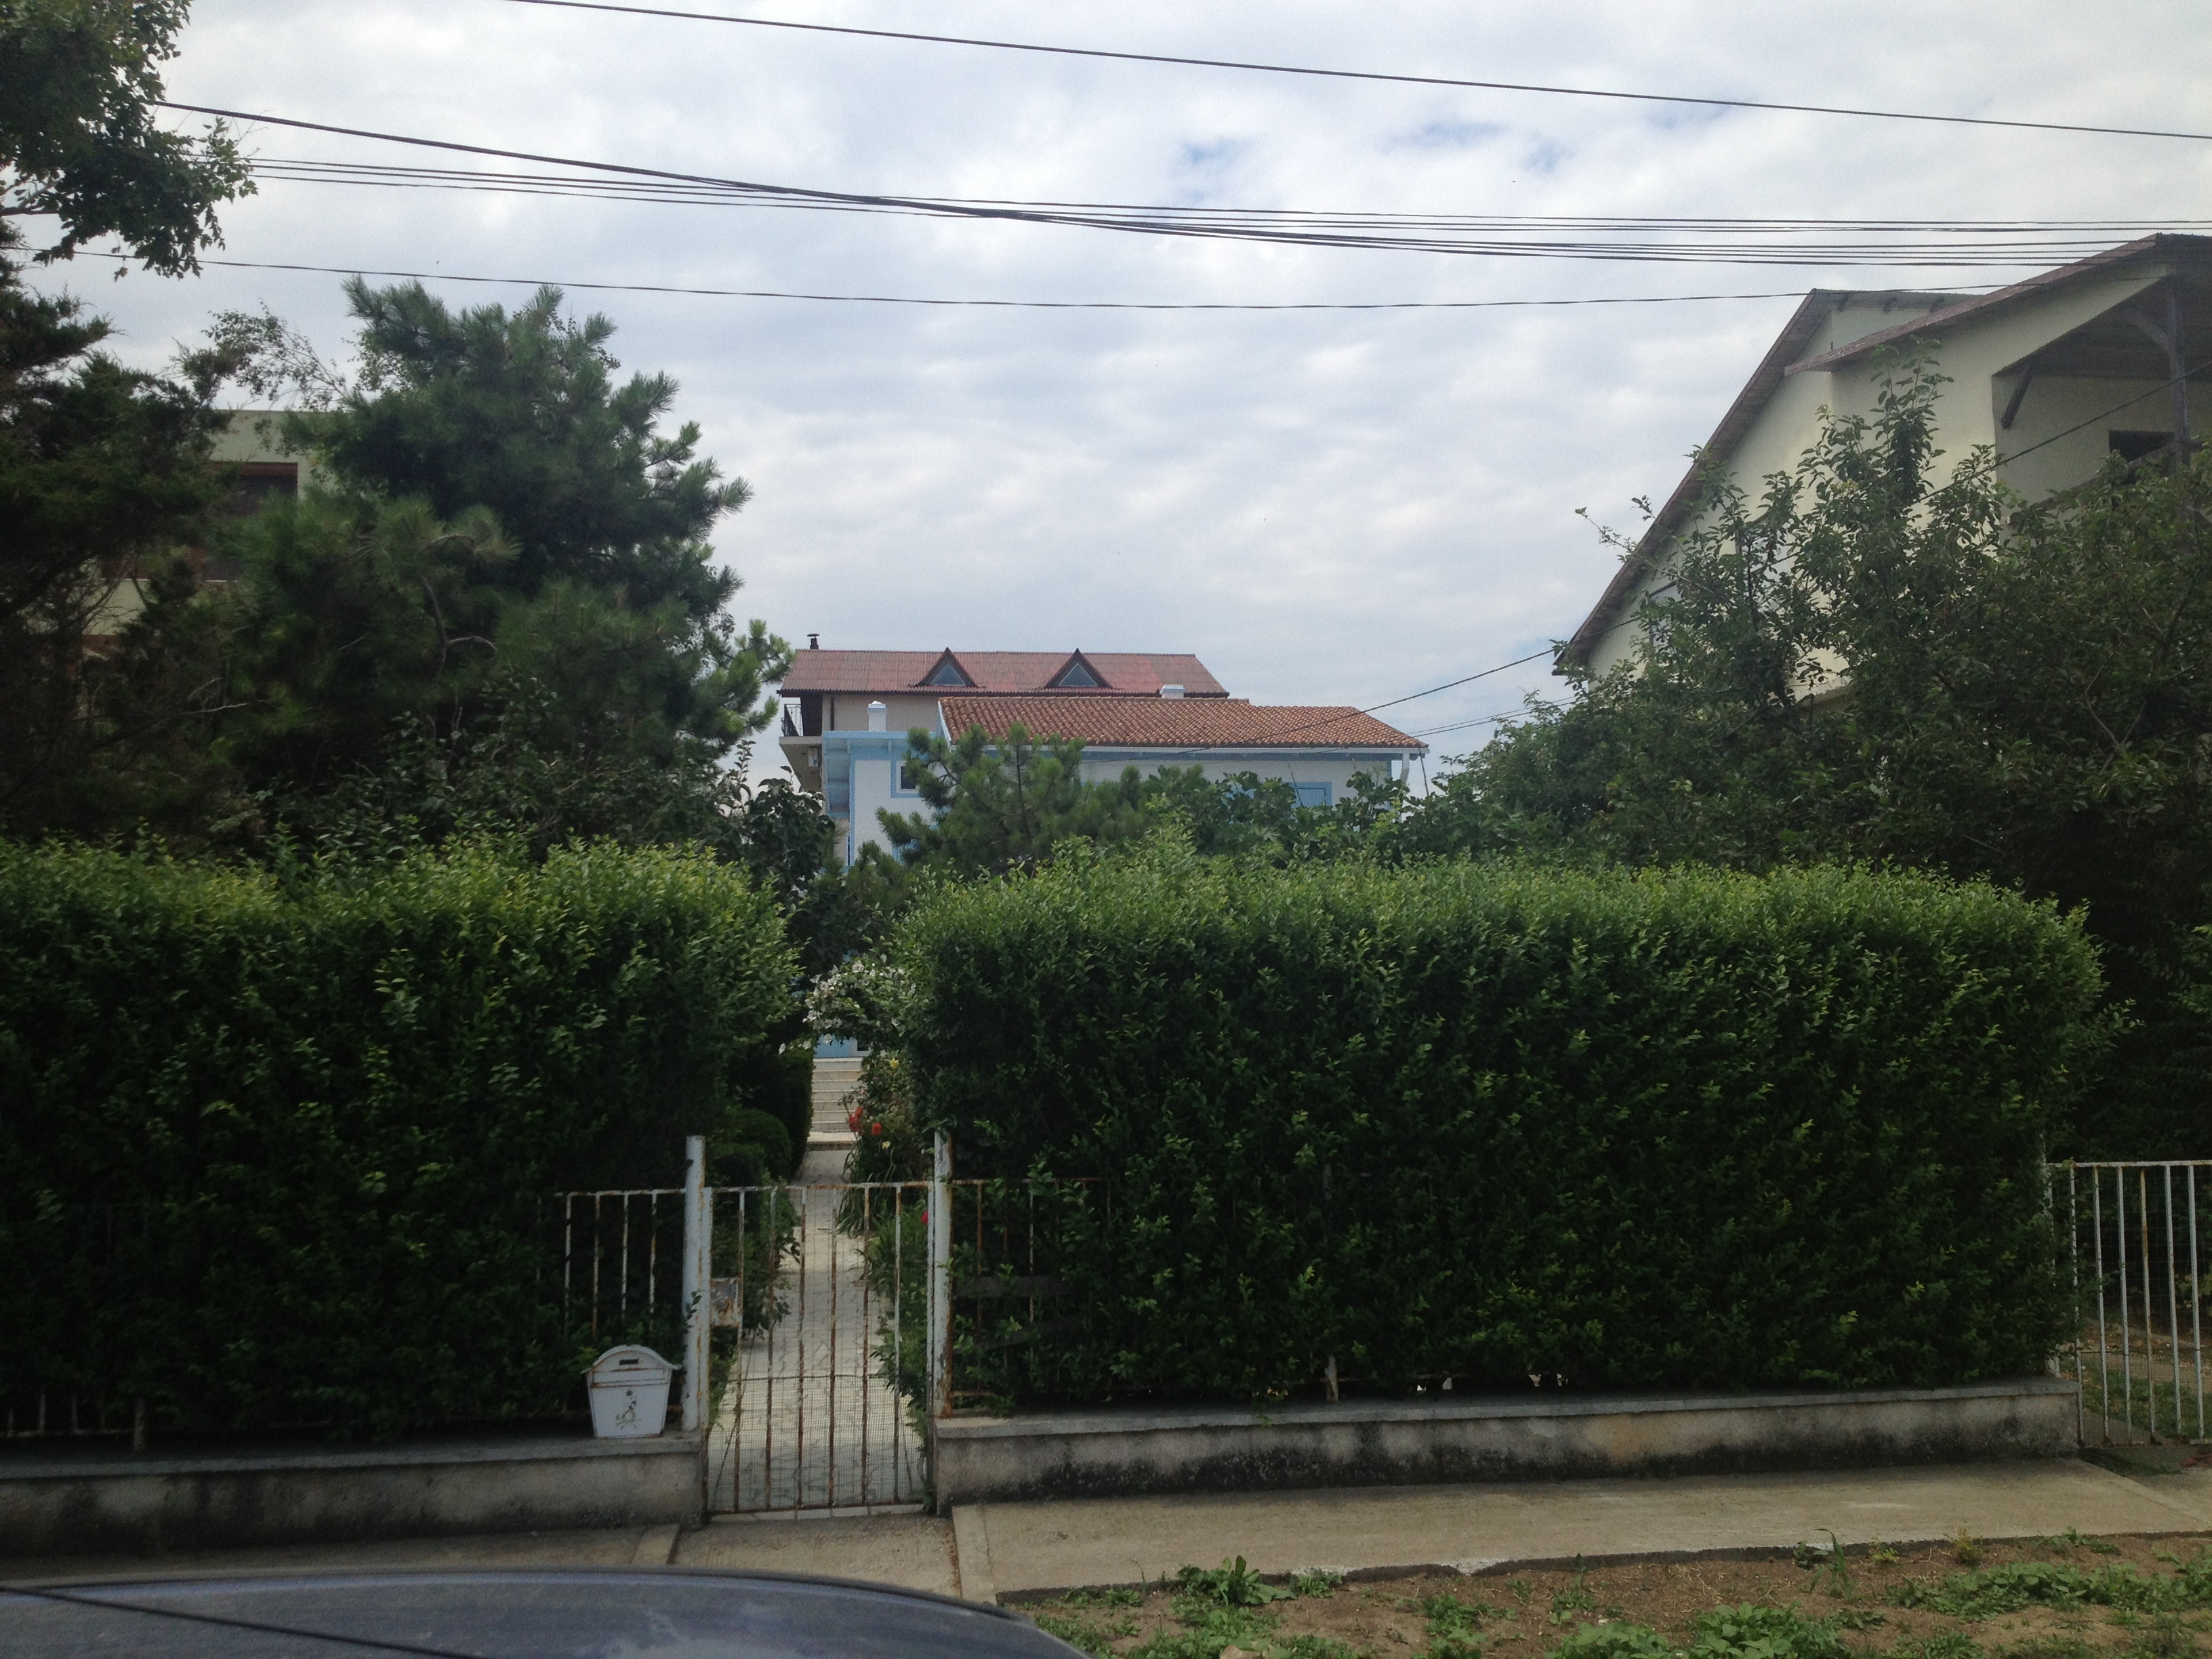 Vila este flancata de un gard viu, inalt, pentru a tine la distanta curiosii